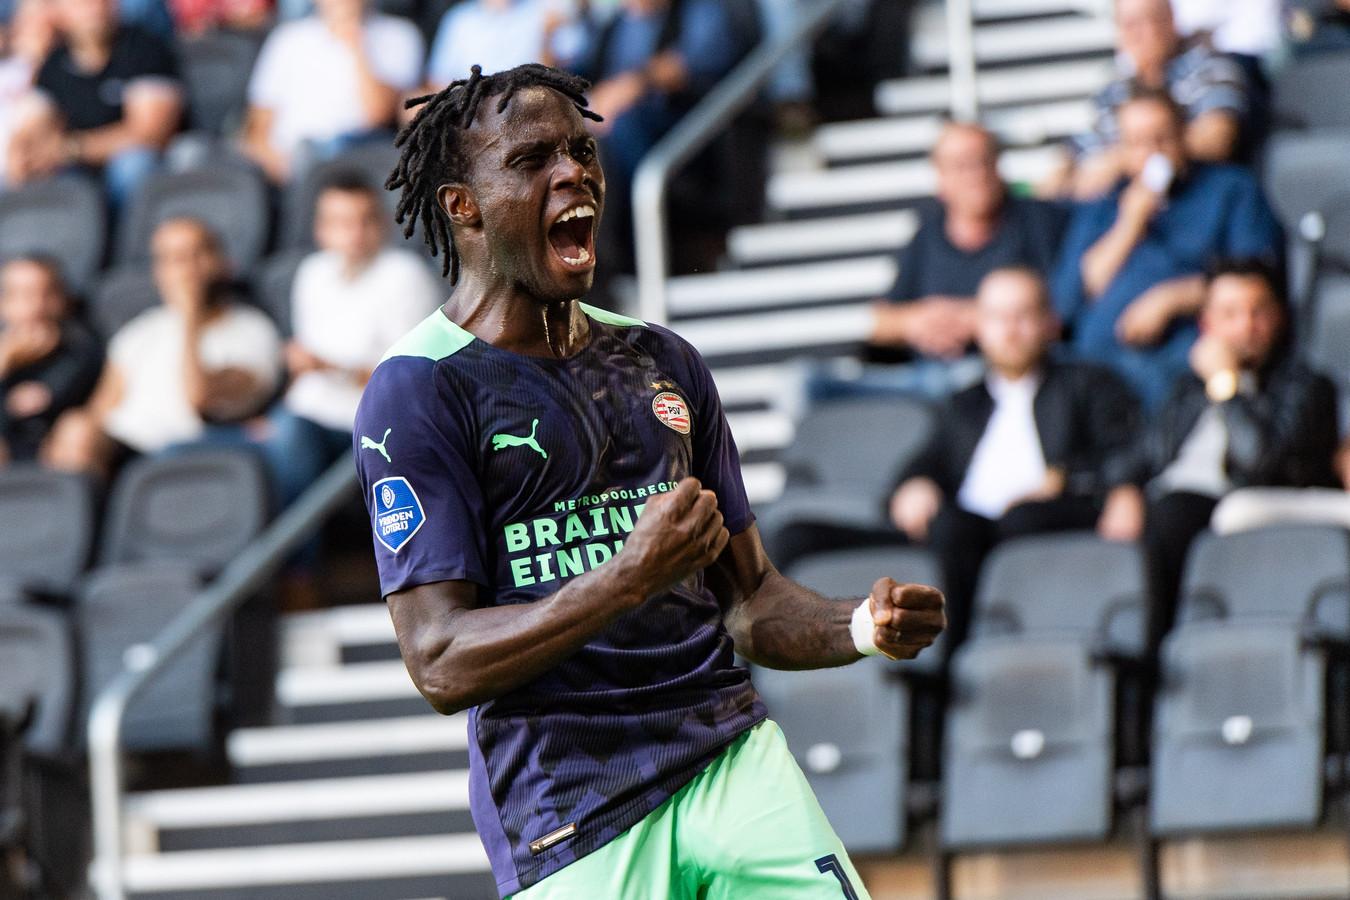 Armindo Bruma is weer happy bij PSV en levert nu ook een bijdrage aan de resultaten, zij het nog veelal als invaller.